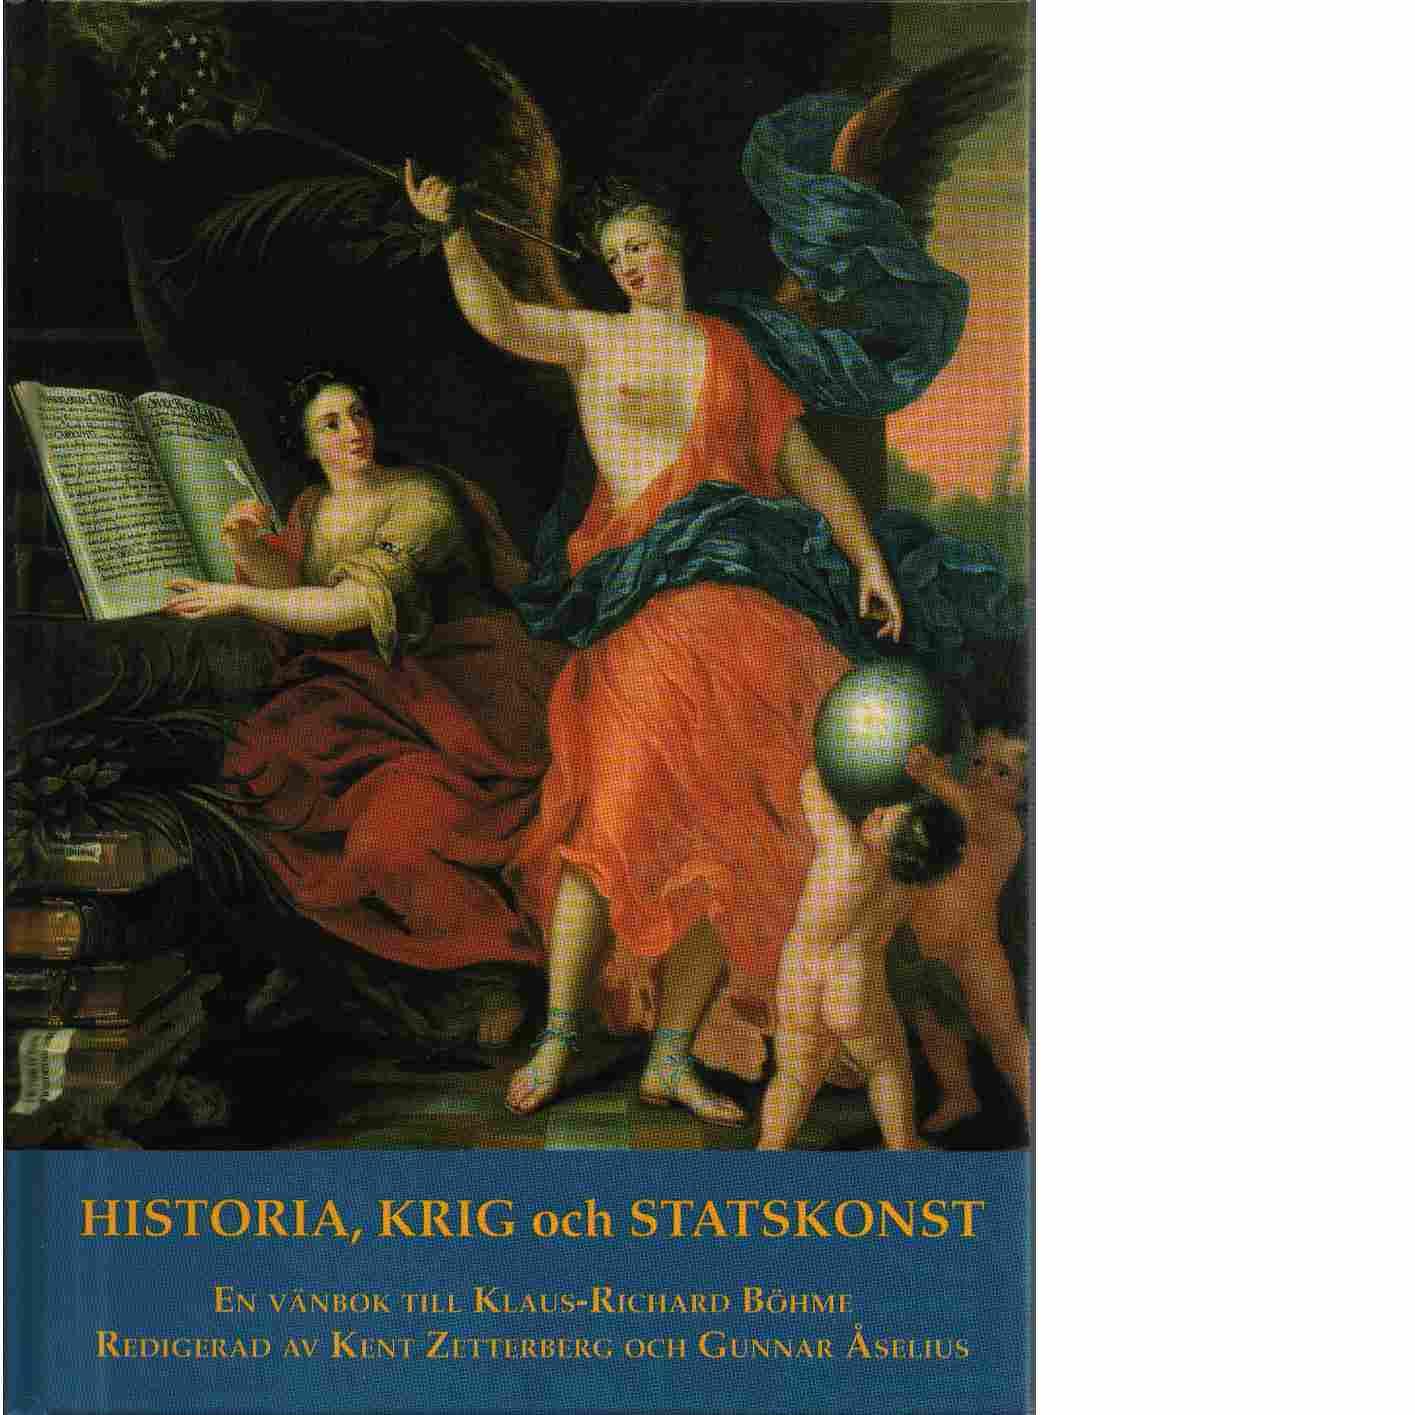 Historia, krig och statskonst : en vänbok till Klaus-Richard Böhme - Red.